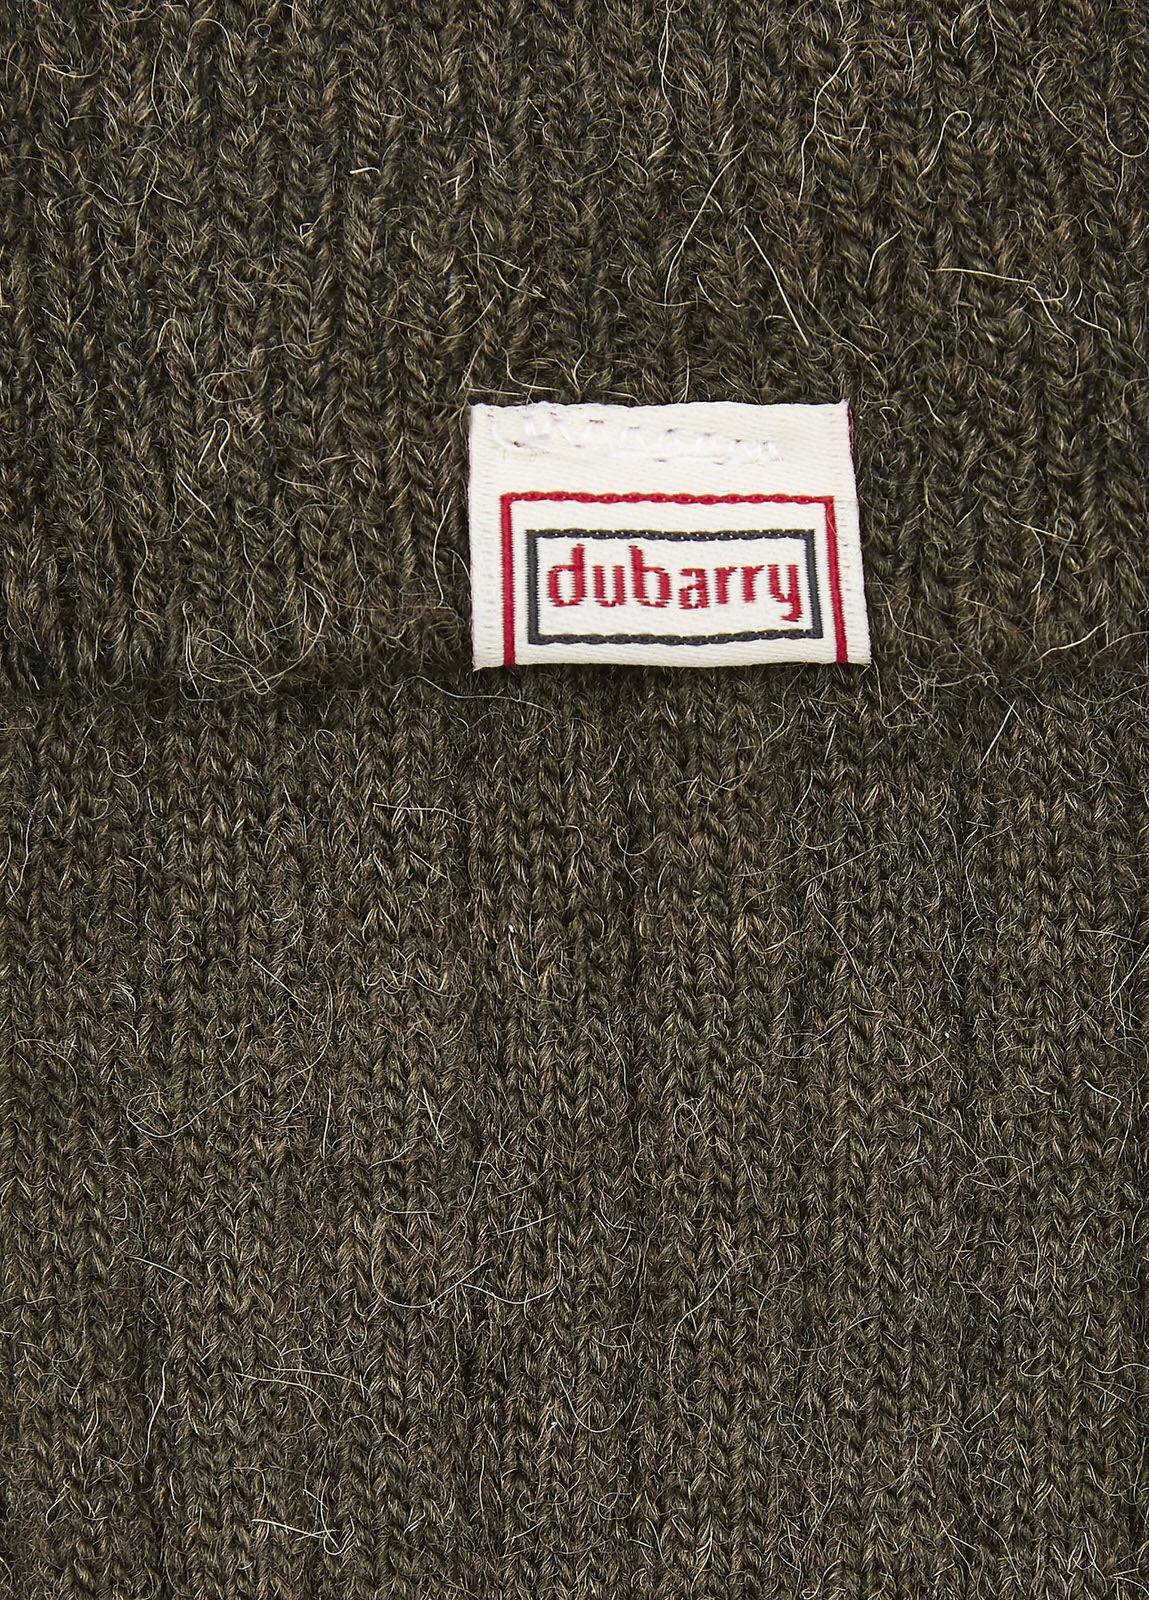 Dubarry Dubarry Holycross Alpaca Sokken 985209 (middellang / Olive)